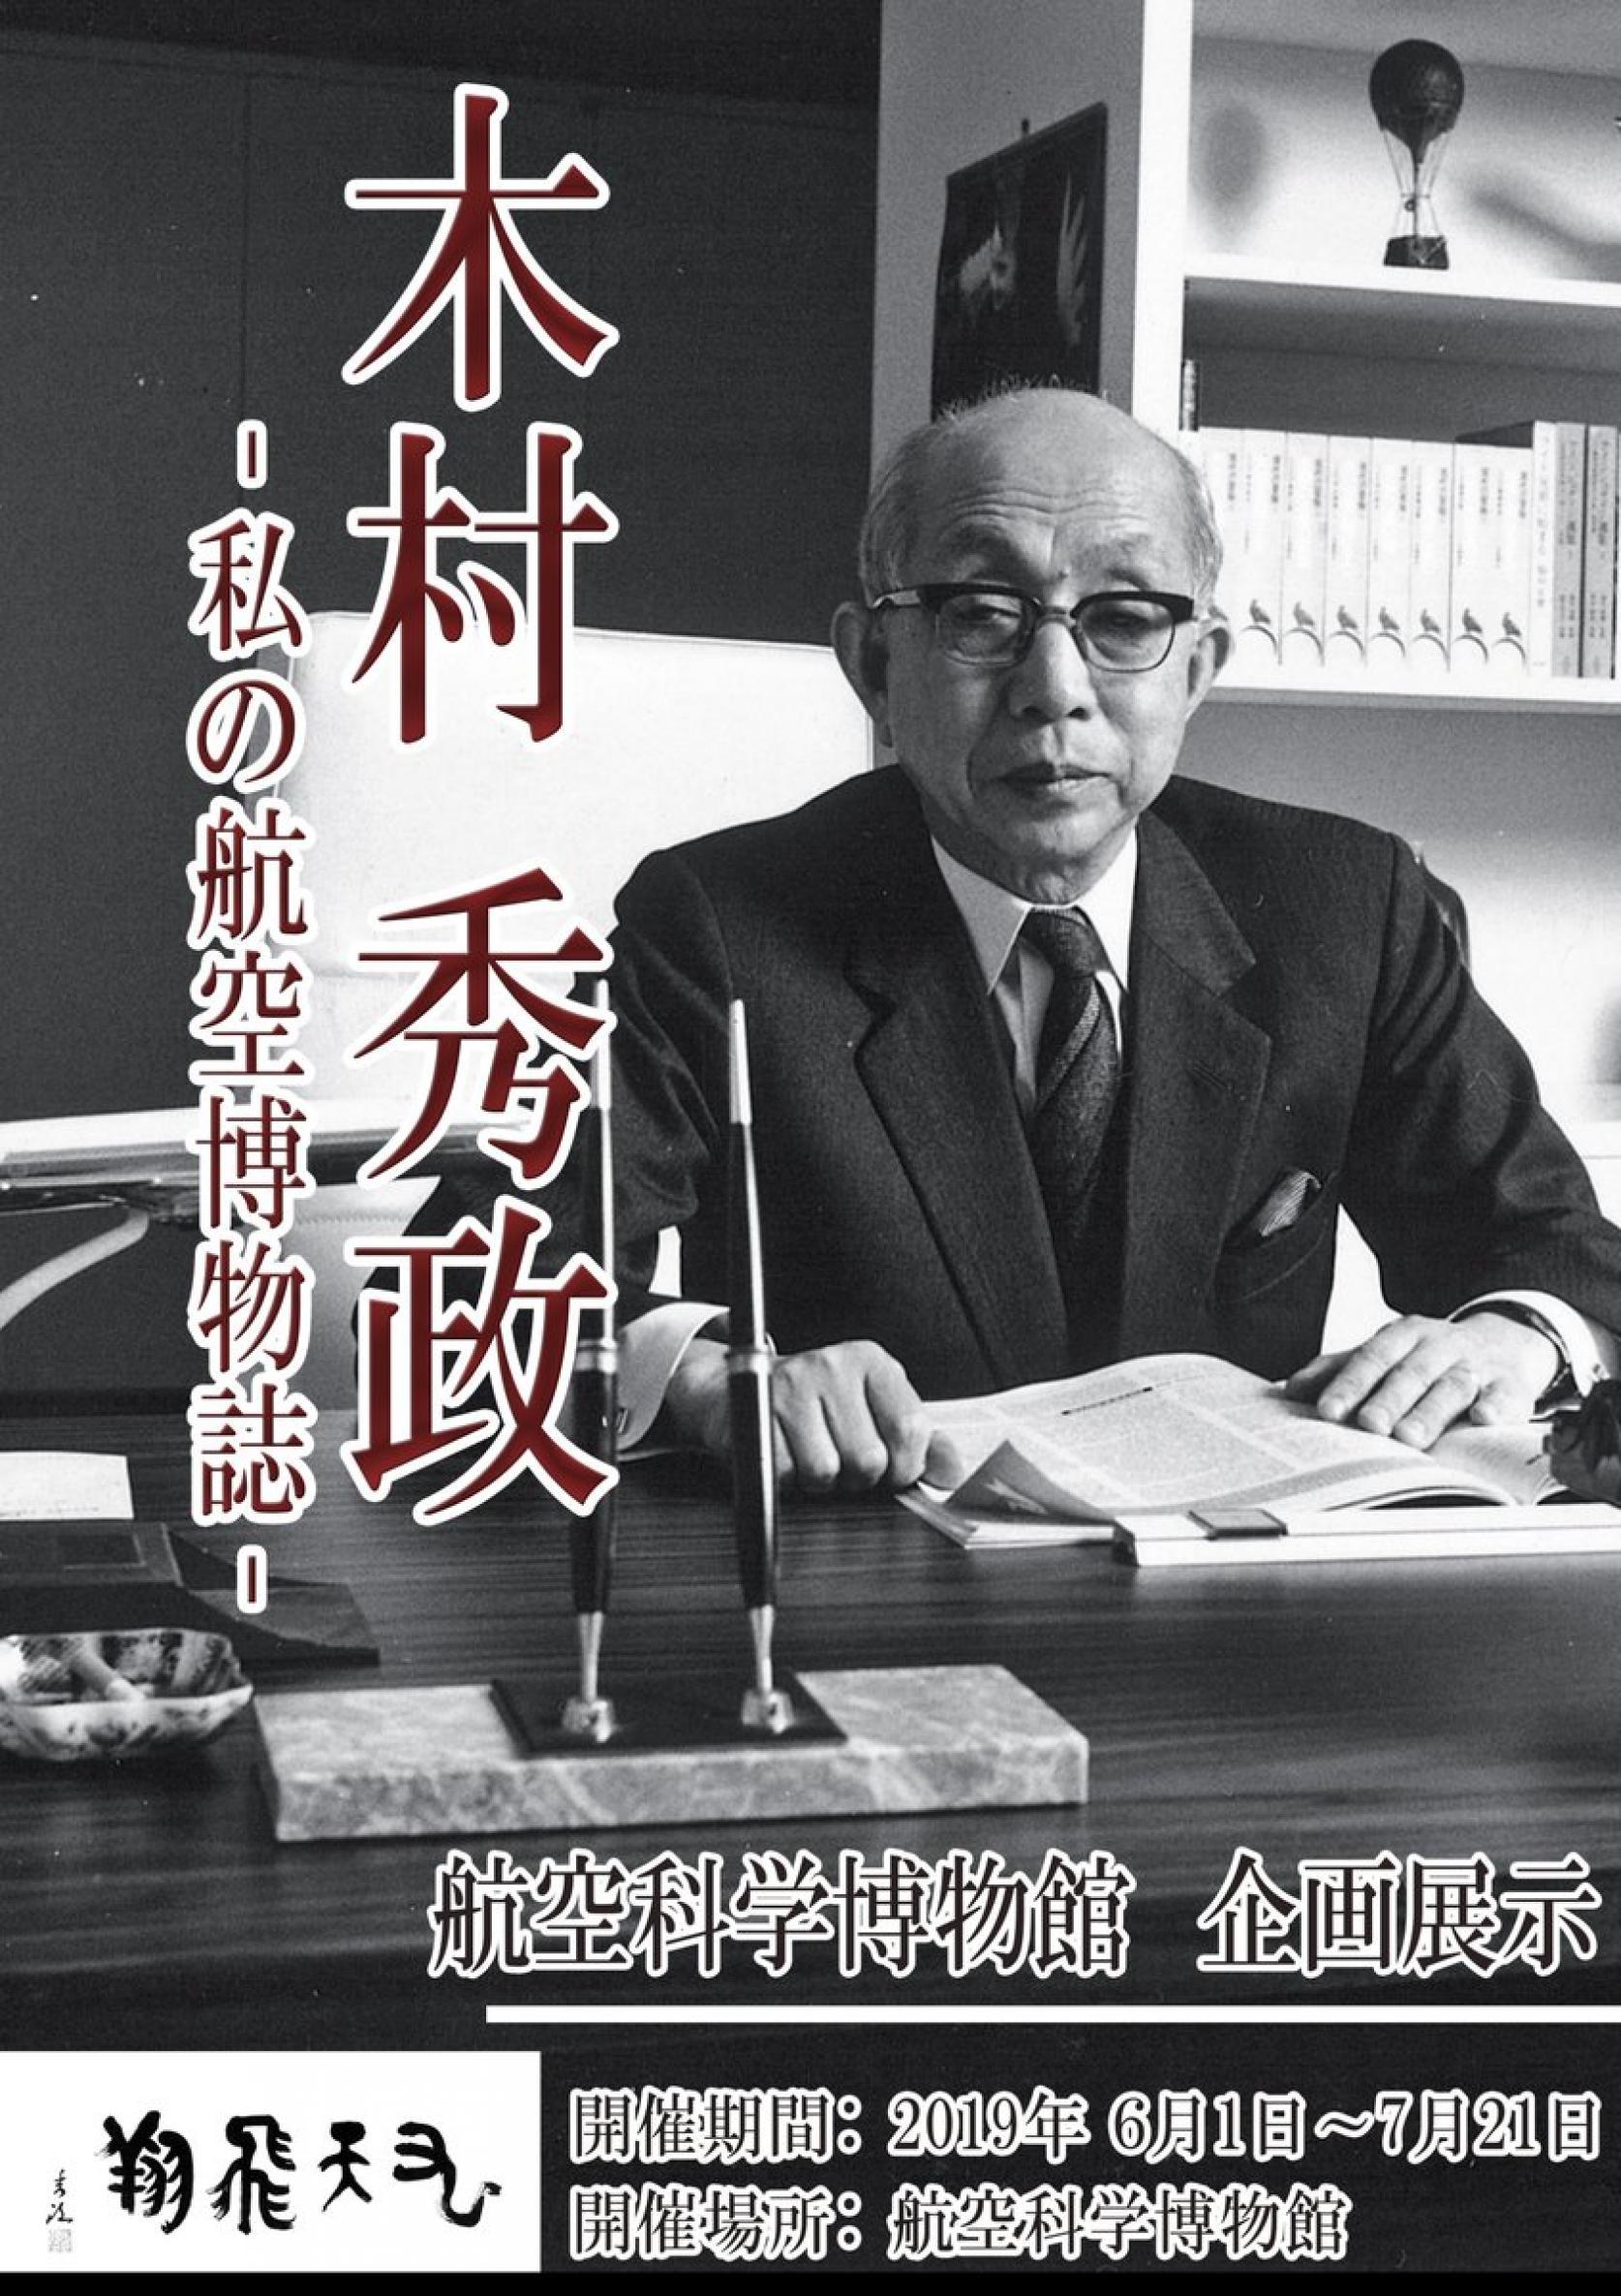 「木村秀政展ー私の航空博物誌ー」が航空科学博物館にて開催されます。(6月1日~7月21日)